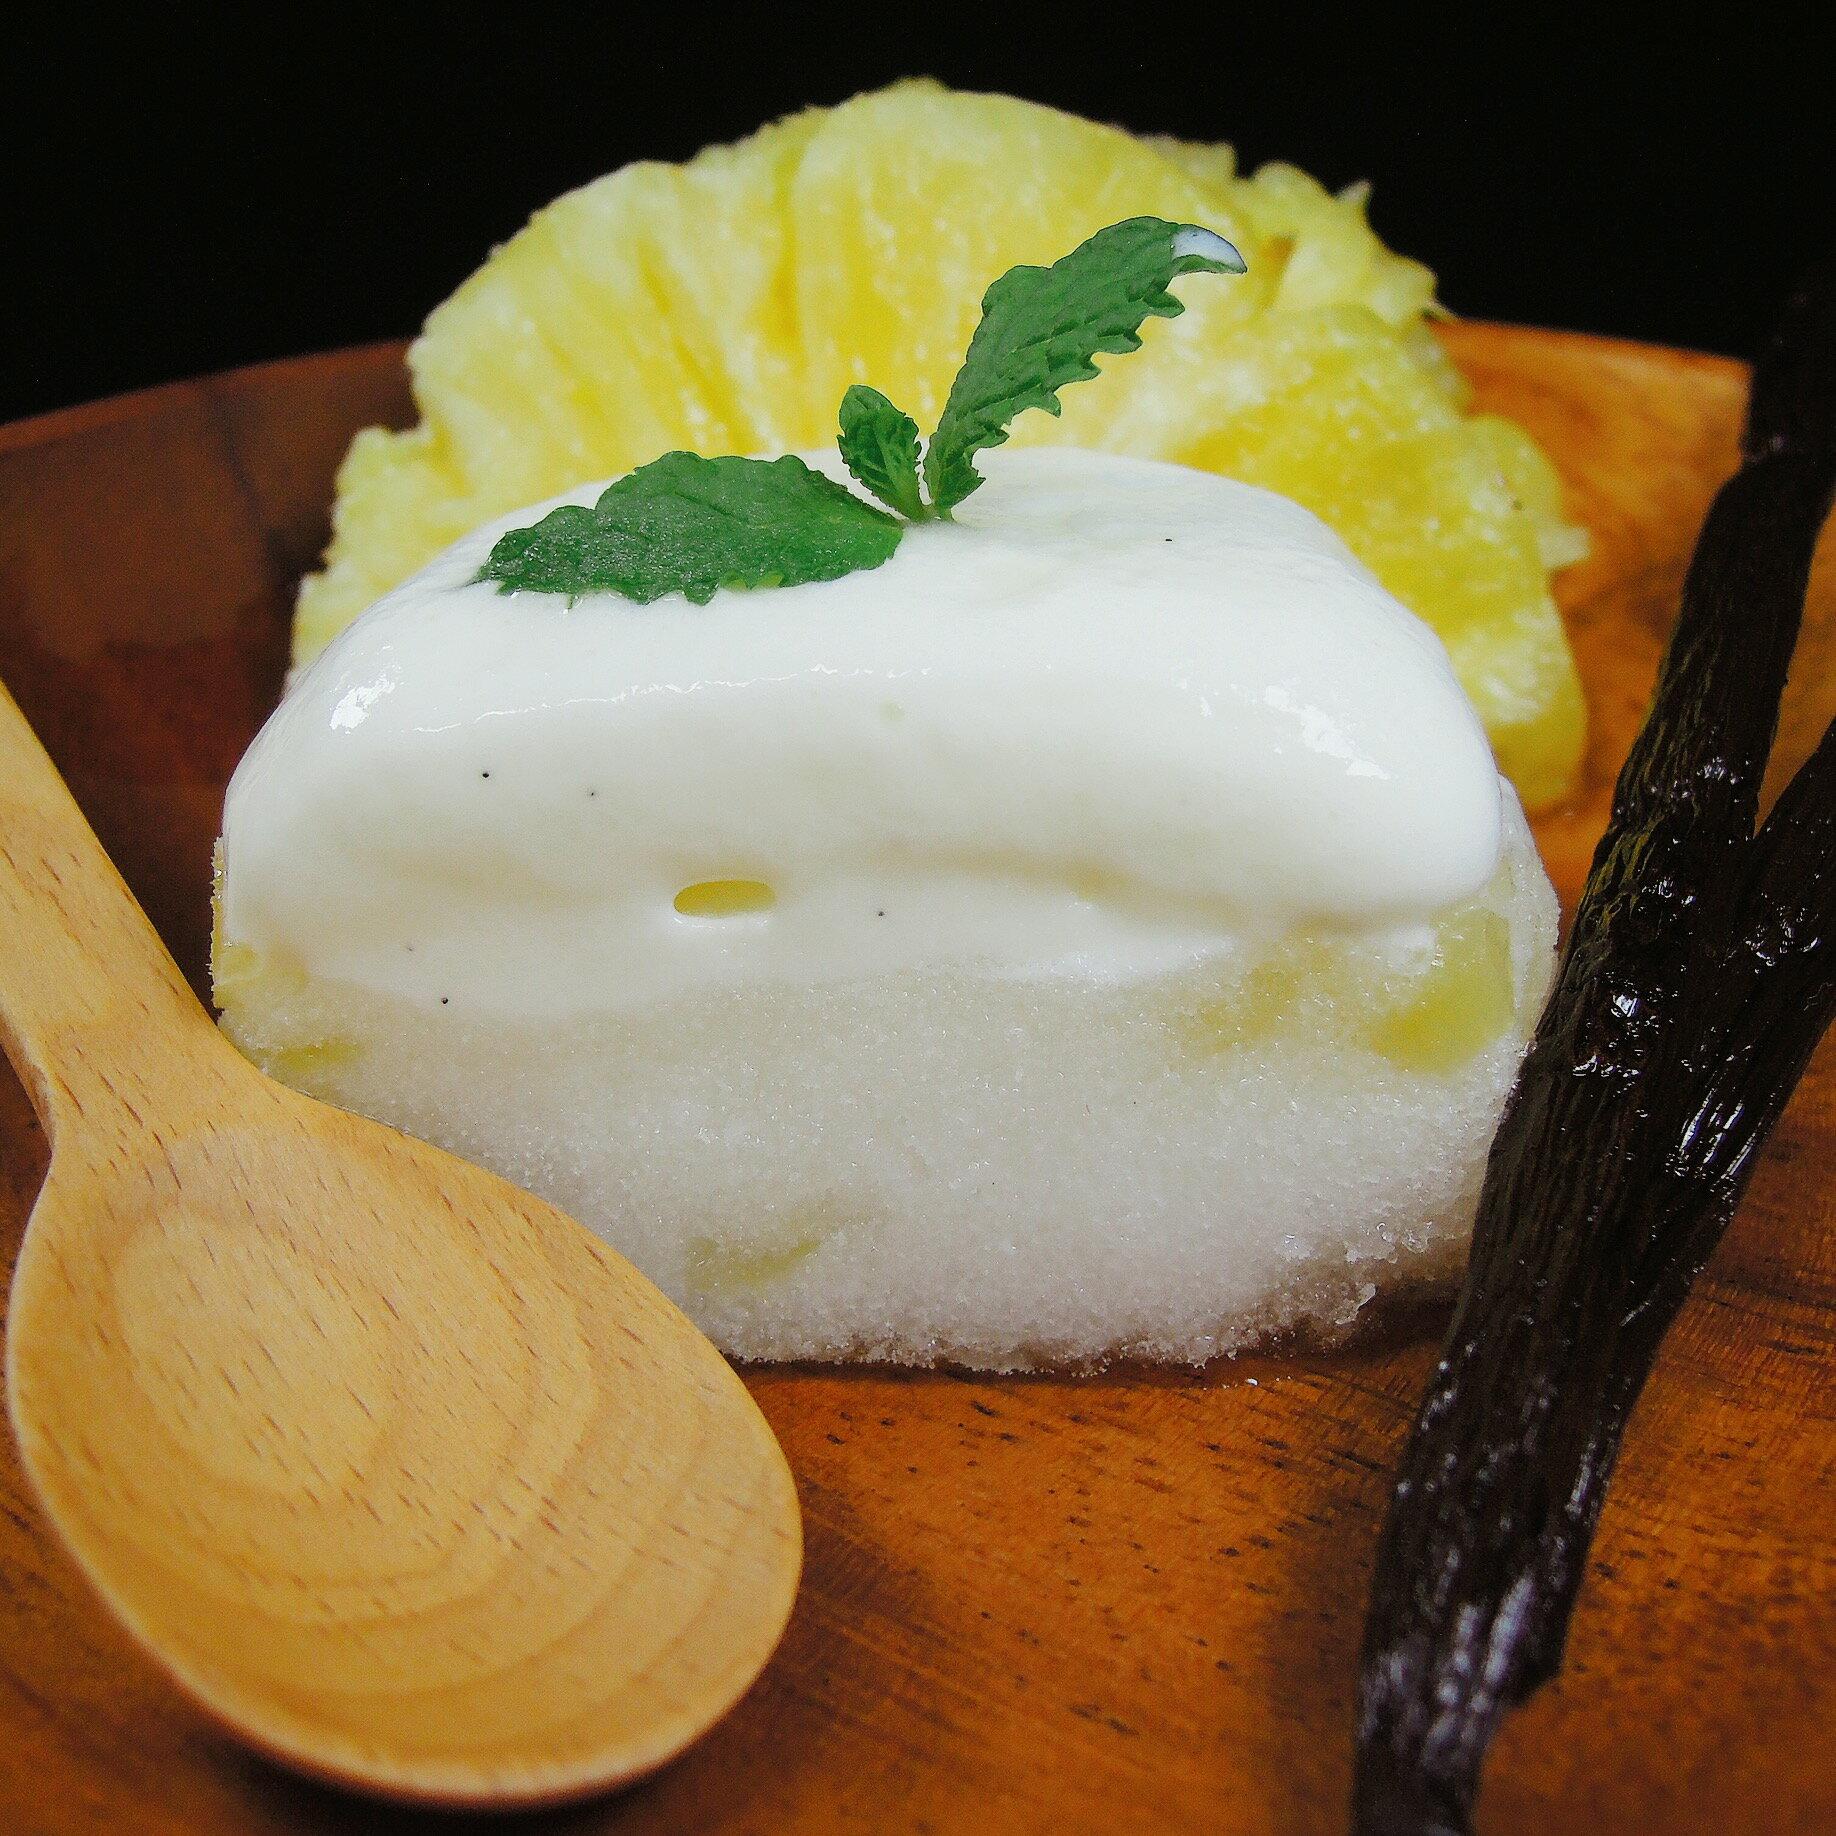 【巷仔內手作冰品,給最內行的你】香草鳳梨口味霜層冰淇淋,香草冰淇淋+鳳梨霜160ml